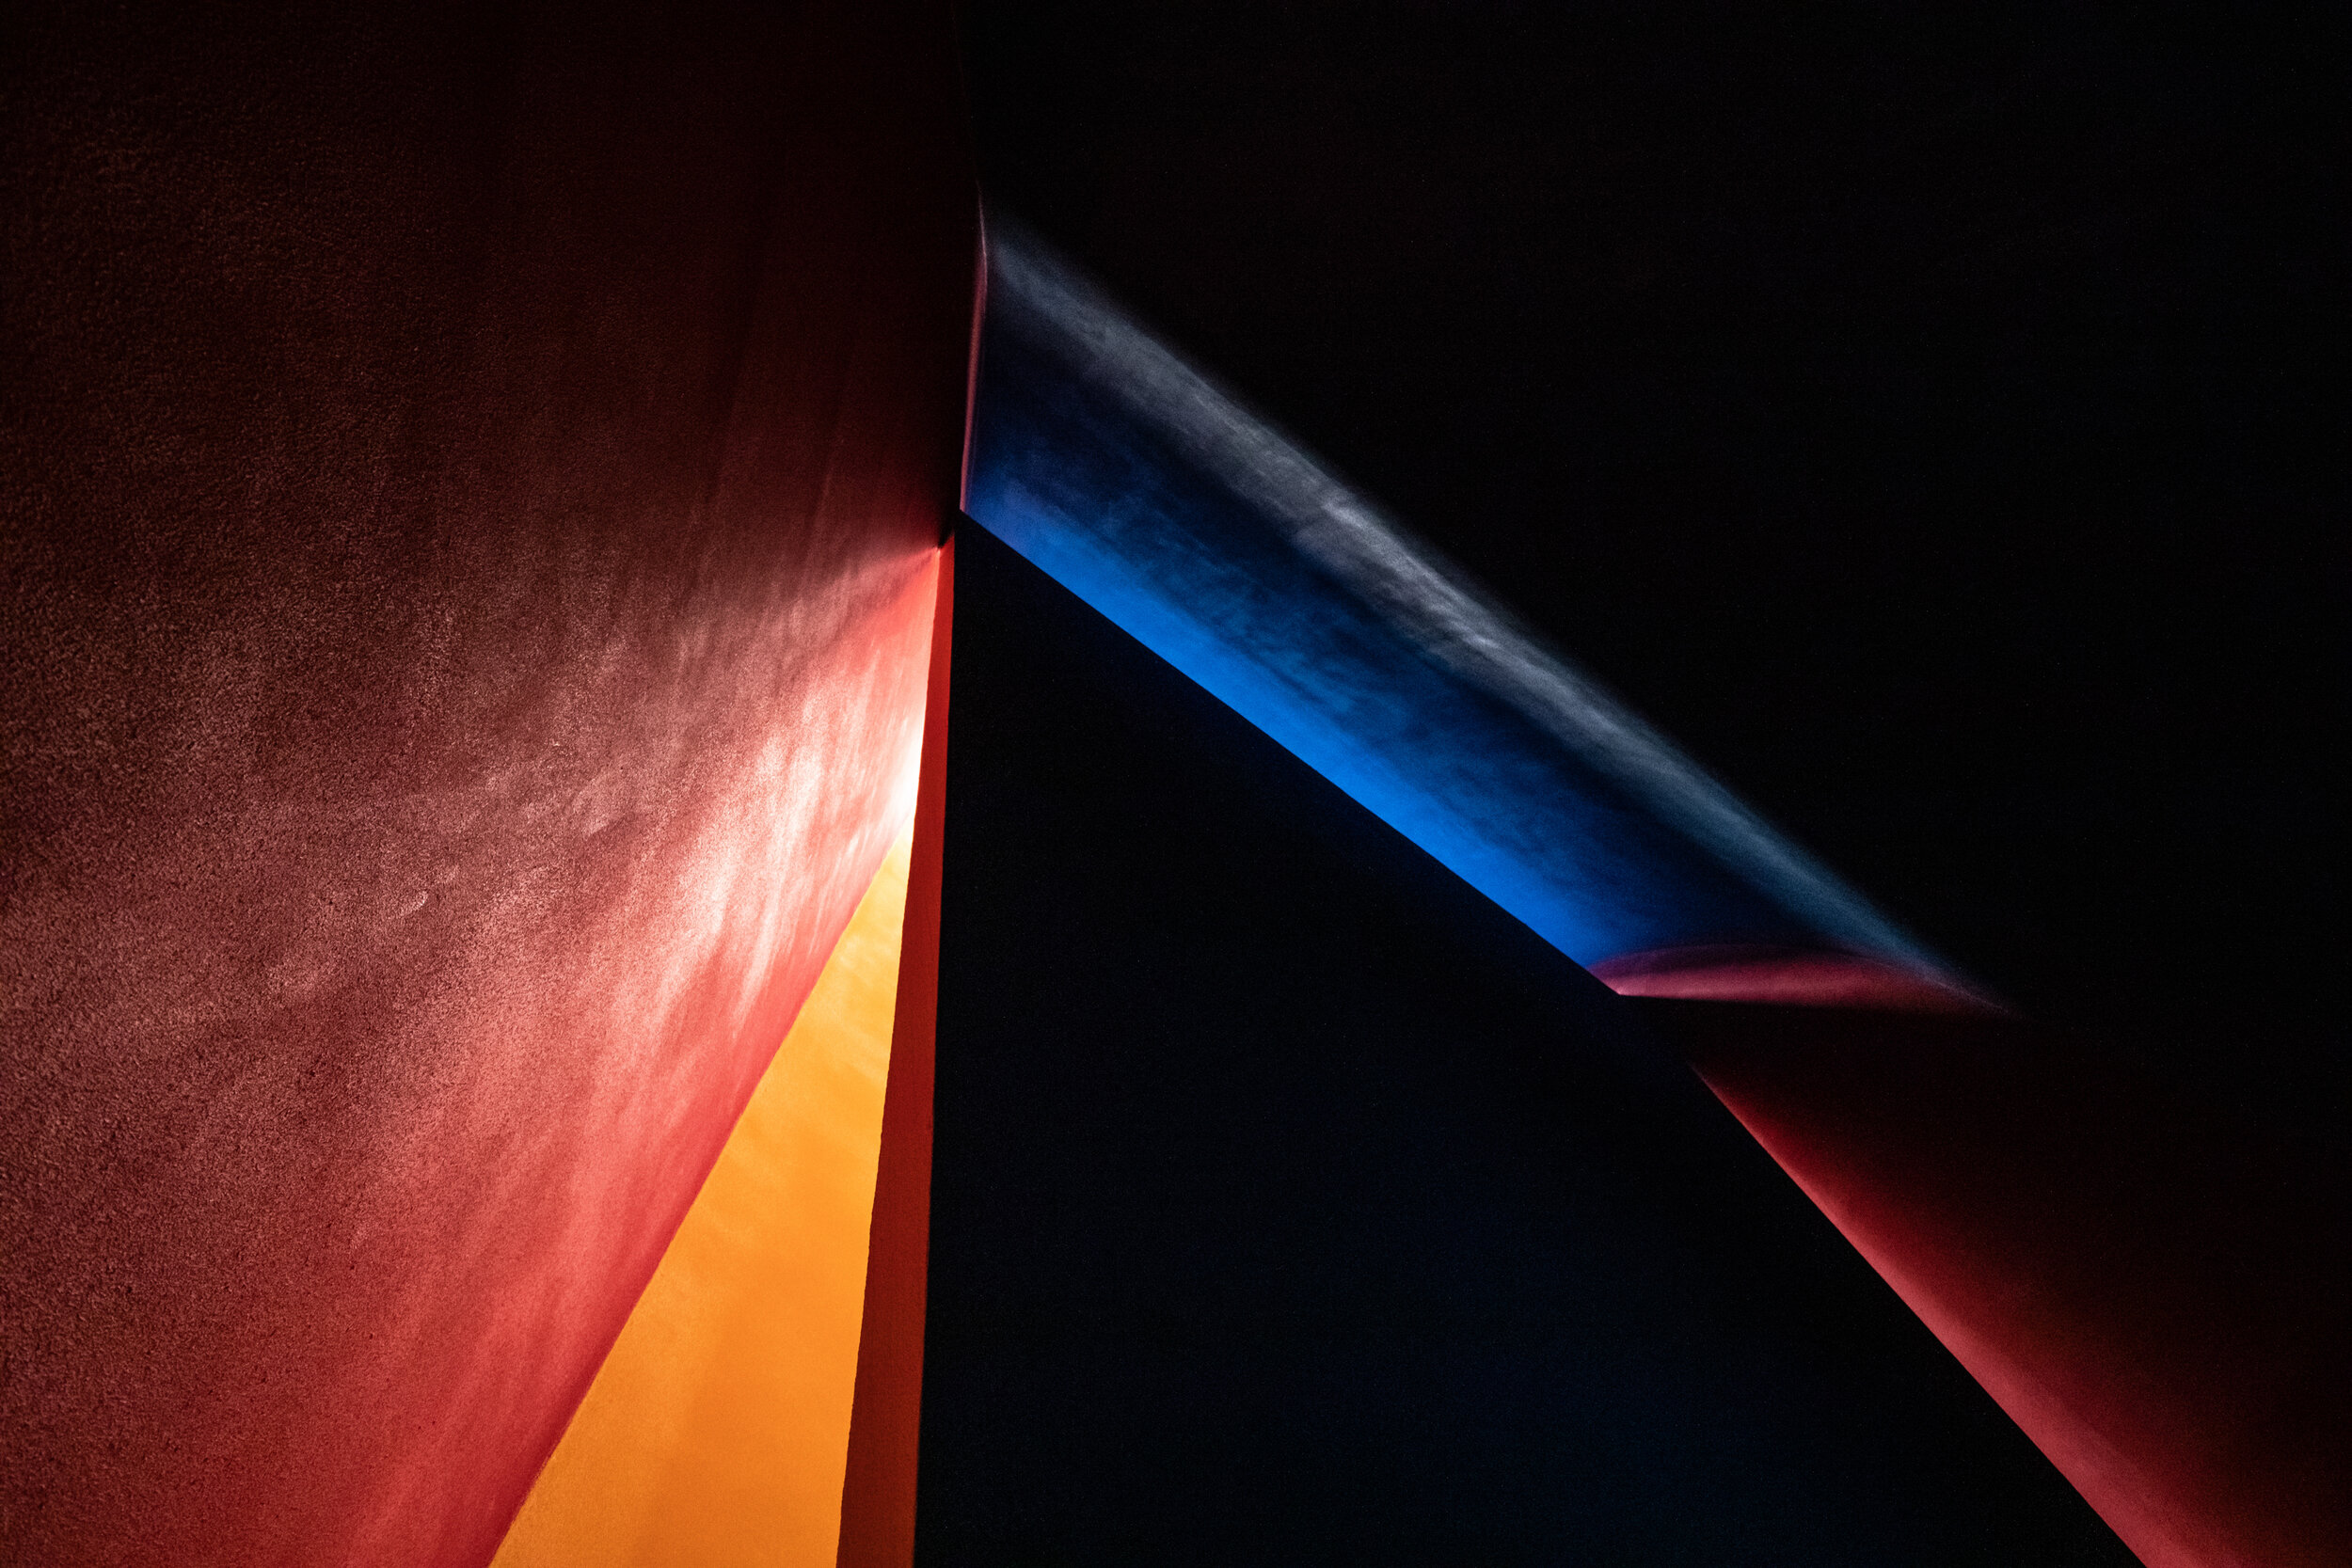 34 塔形空間內部 02 ?是然建筑攝影 Interior space of the tower 02 ?Schran Images.jpg